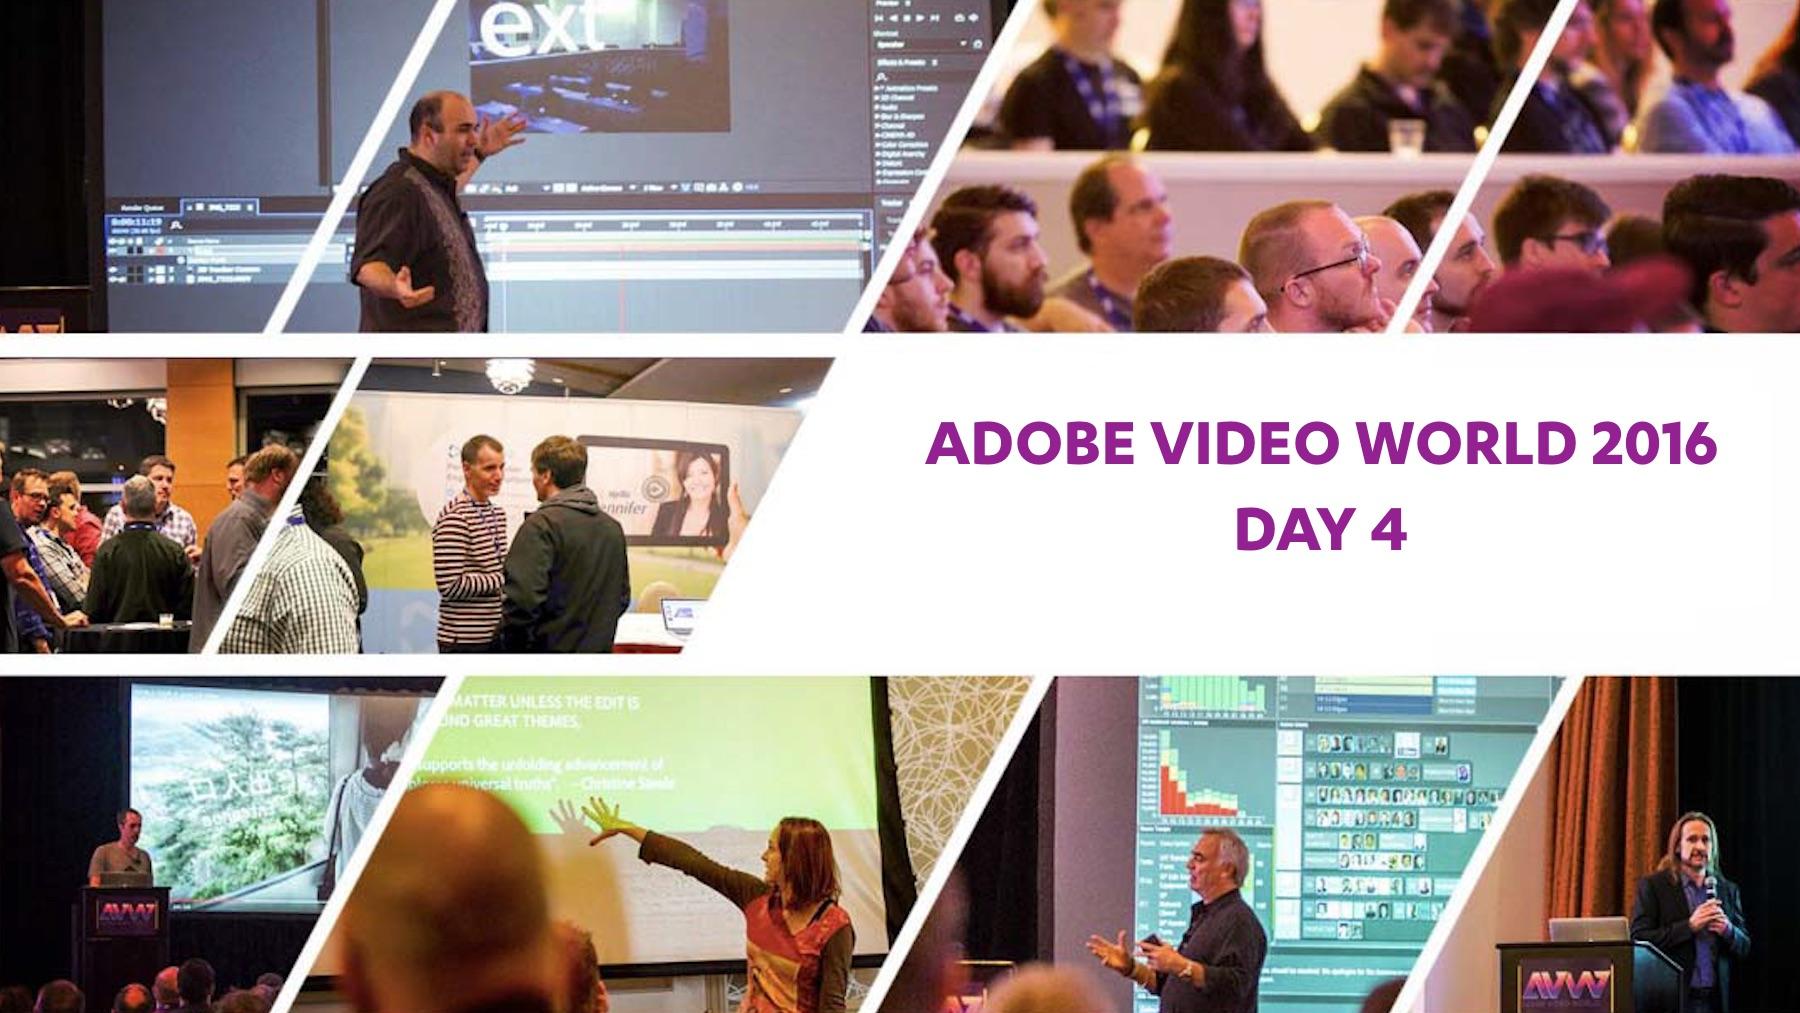 adobe-video-world-2016-day-4